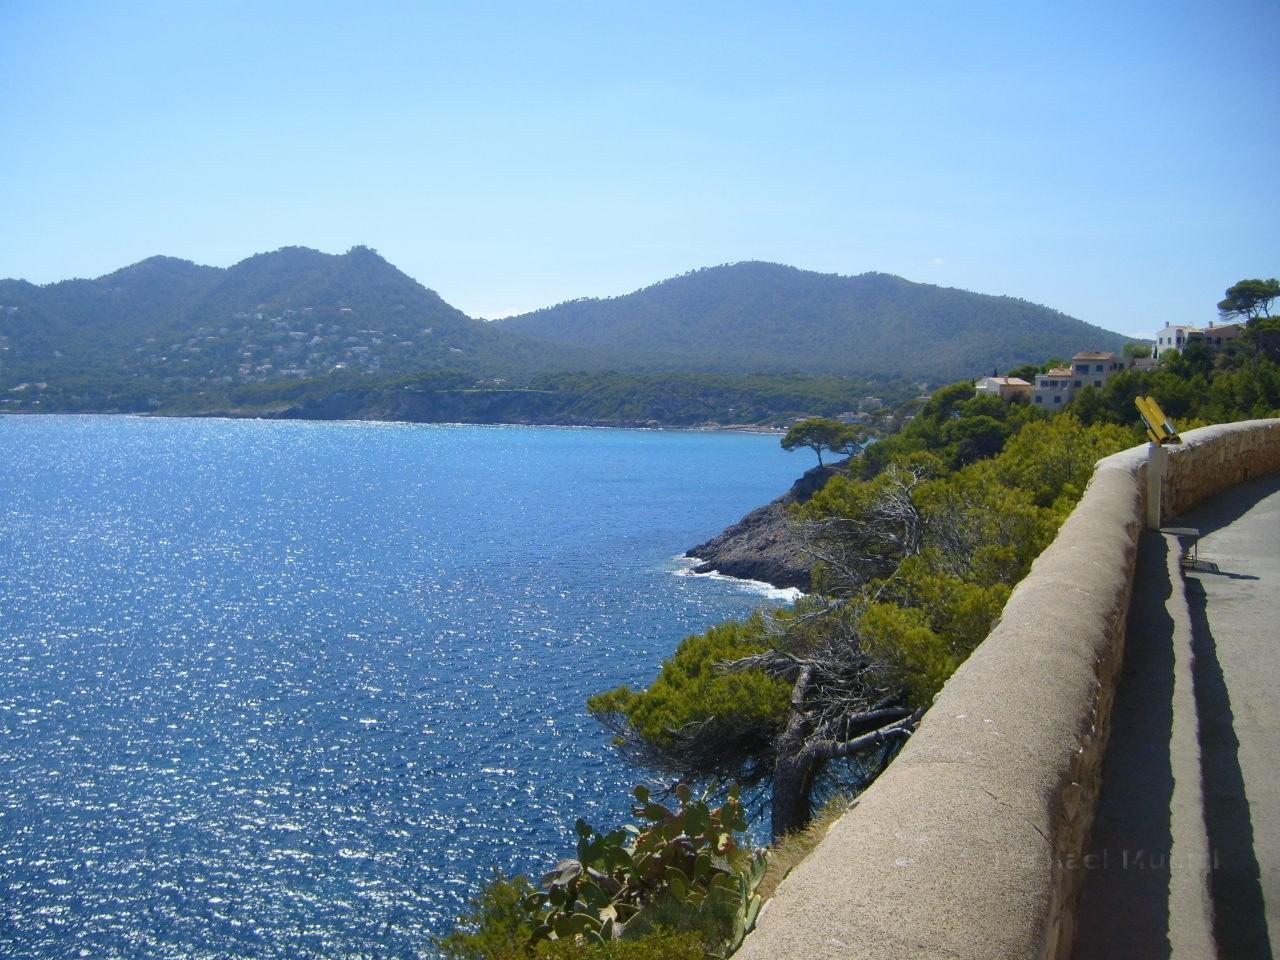 Blick auf das Mittelmeer von den Höhlen aus